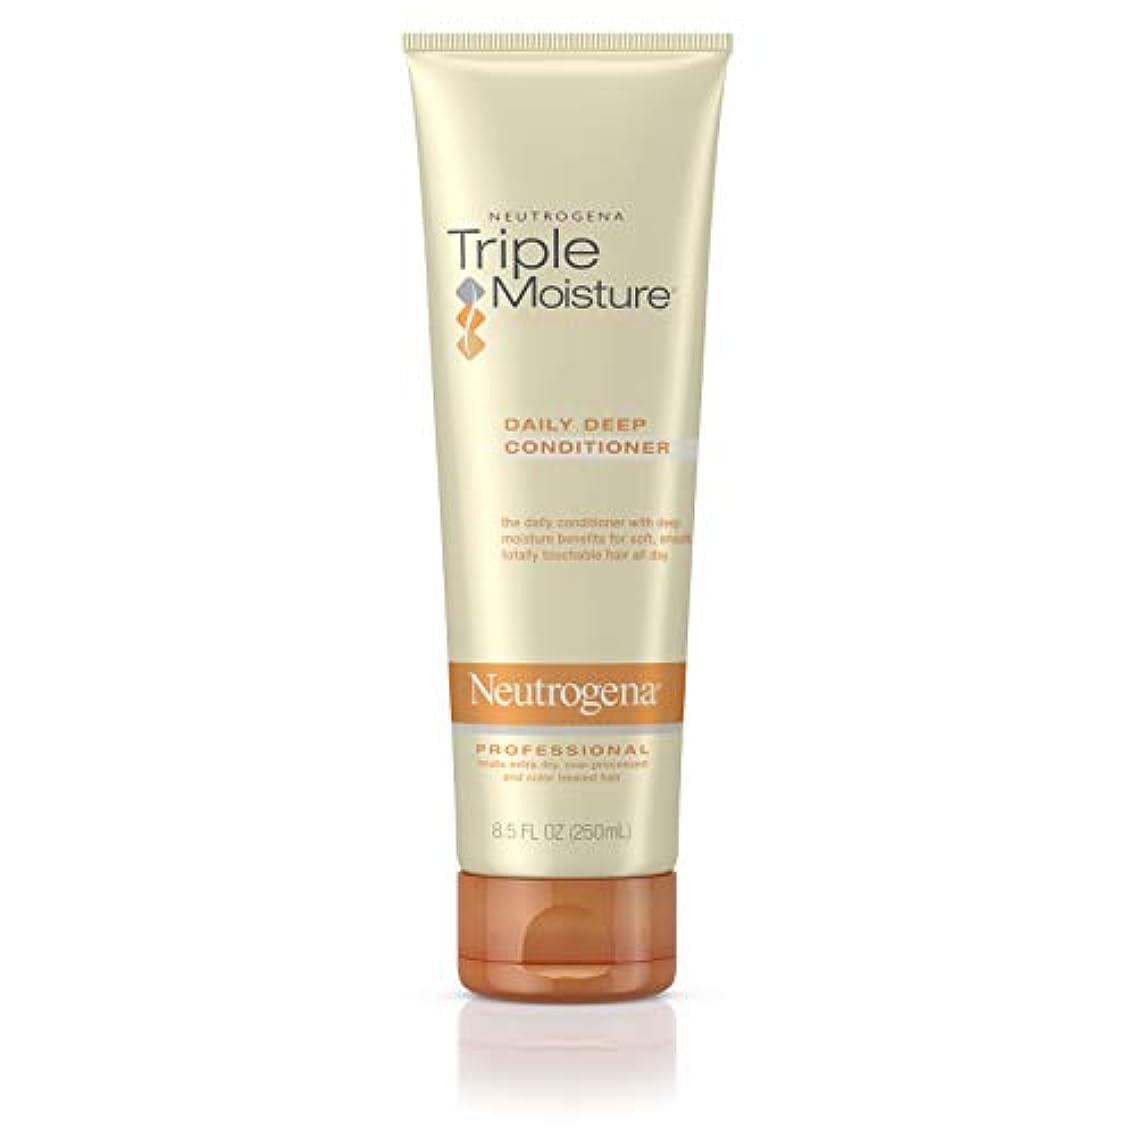 警戒参加する極めてNeutrogena Triple Moisture Daily Deep Conditioner 250 ml (並行輸入品)